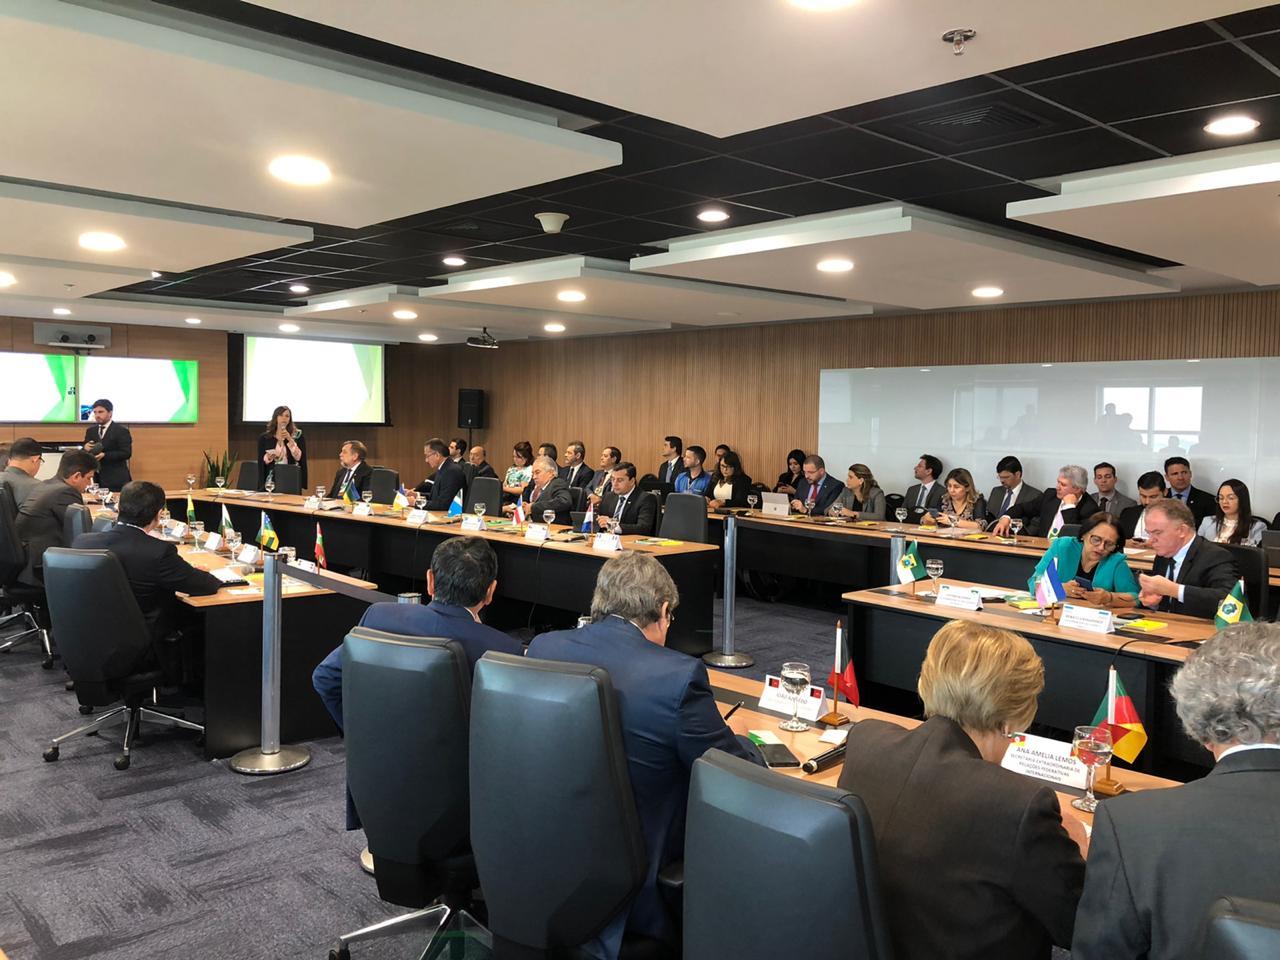 Undime acompanha reunião de governadores sobre o novo Fundeb